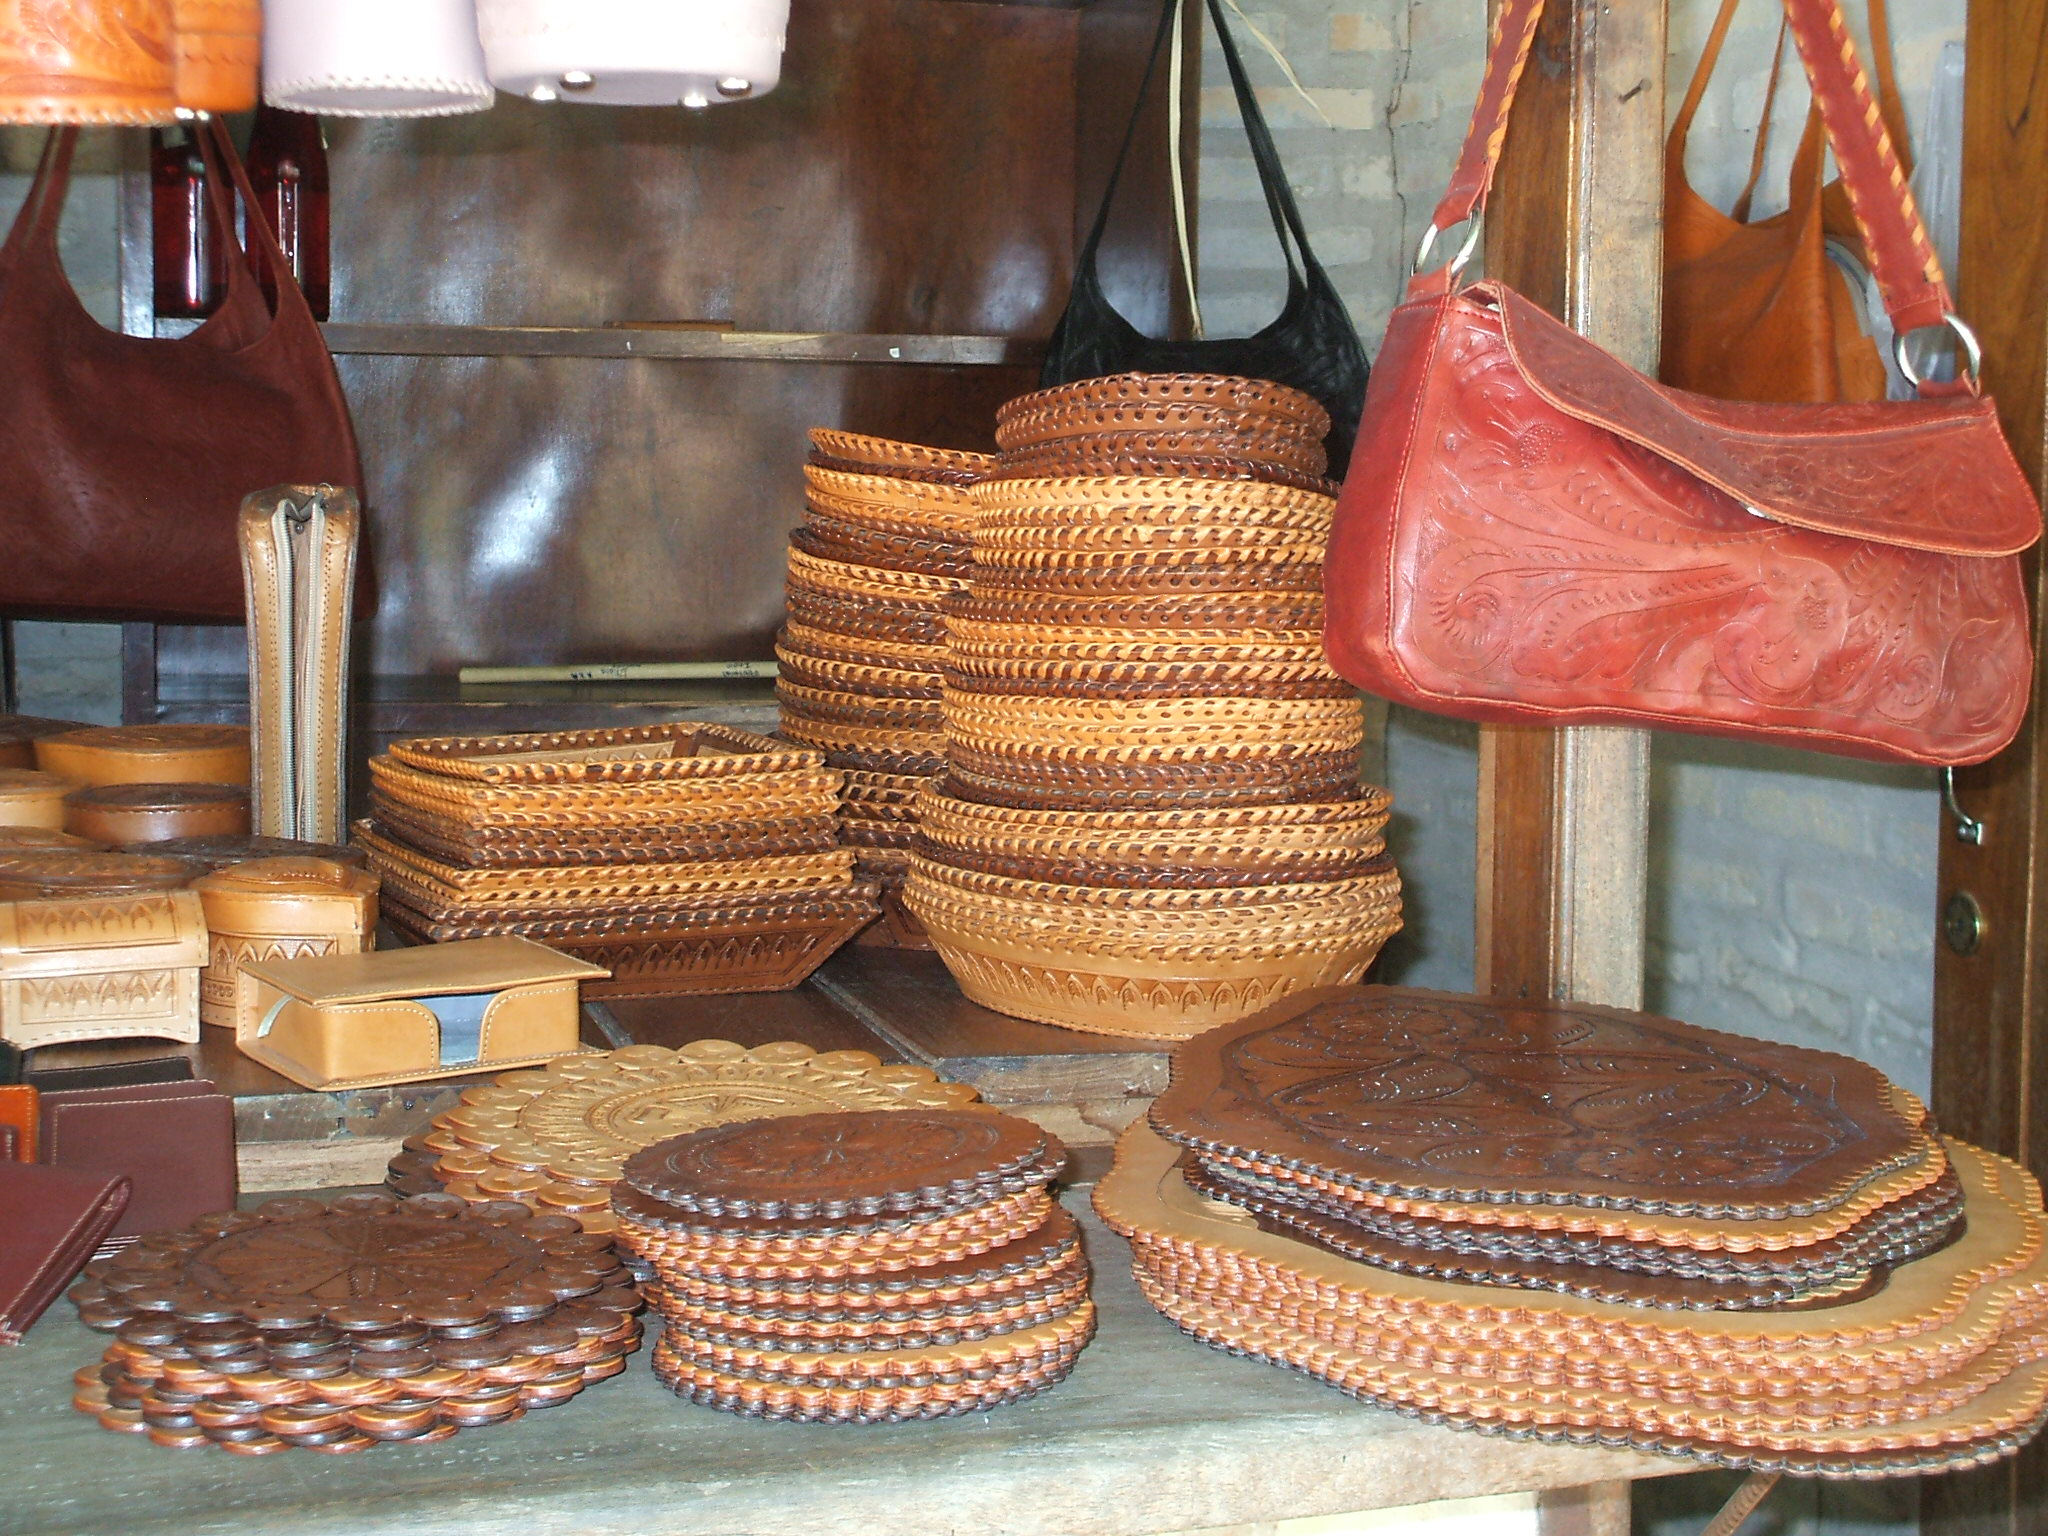 24b168689090 File:Artesanía en Cuero, Atyra3.jpg - Wikimedia Commons